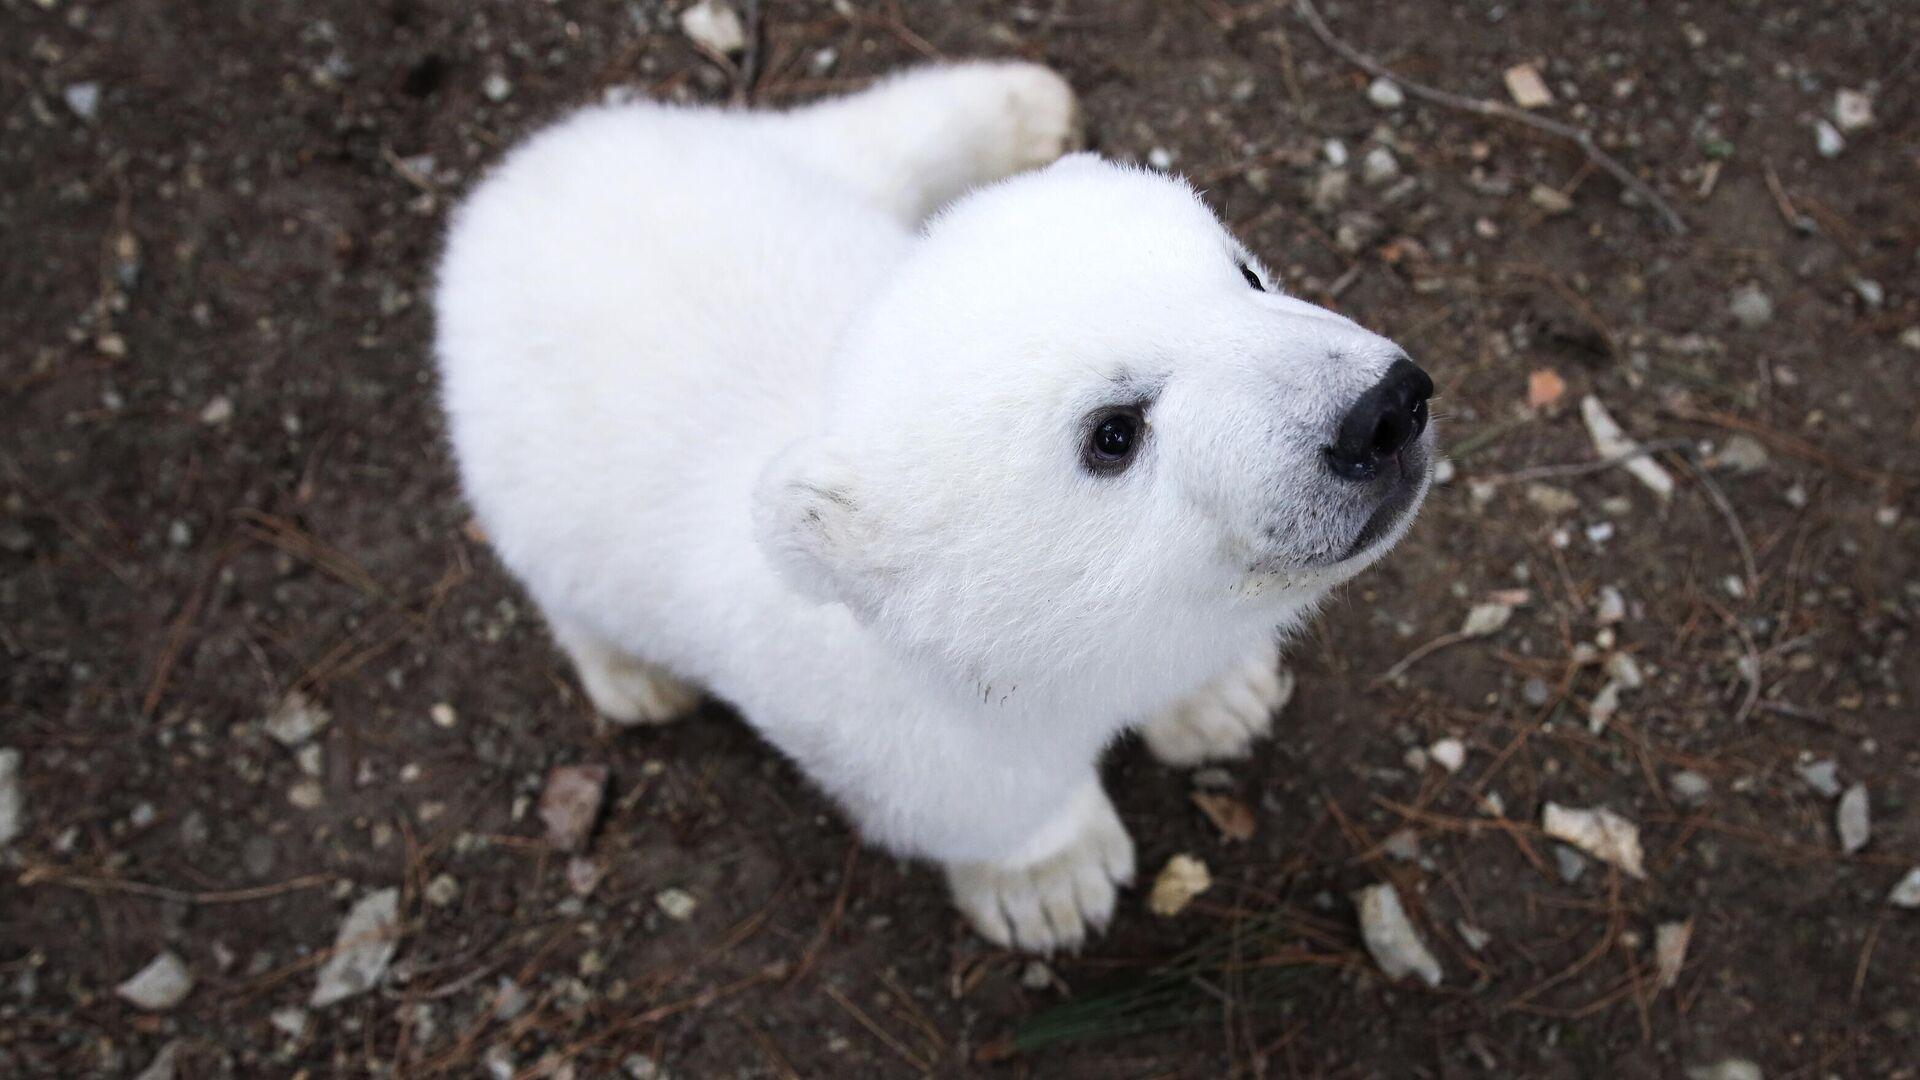 Детеныш белого медведя на прогулке в сафари-парке Геленджика - РИА Новости, 1920, 26.05.2021